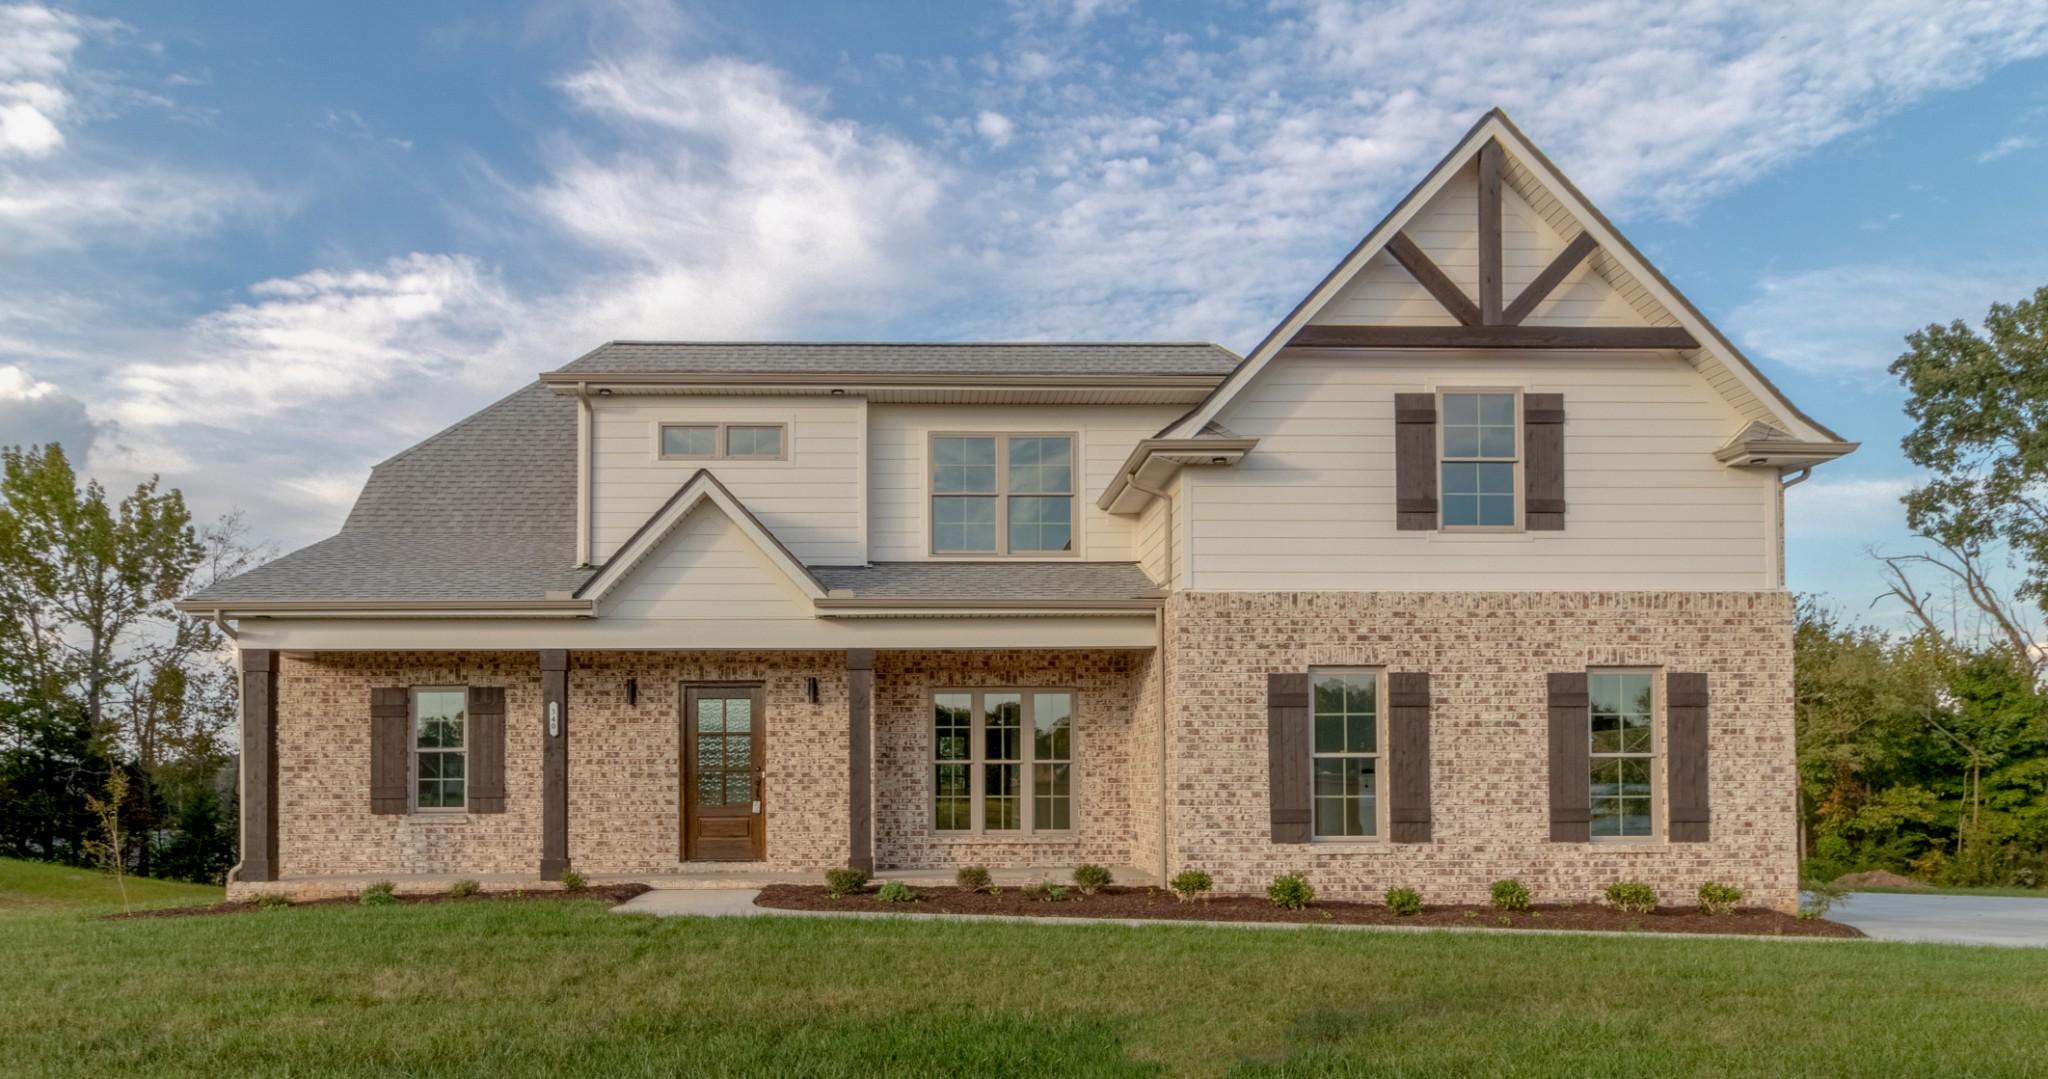 340 Ellington Dr Property Photo